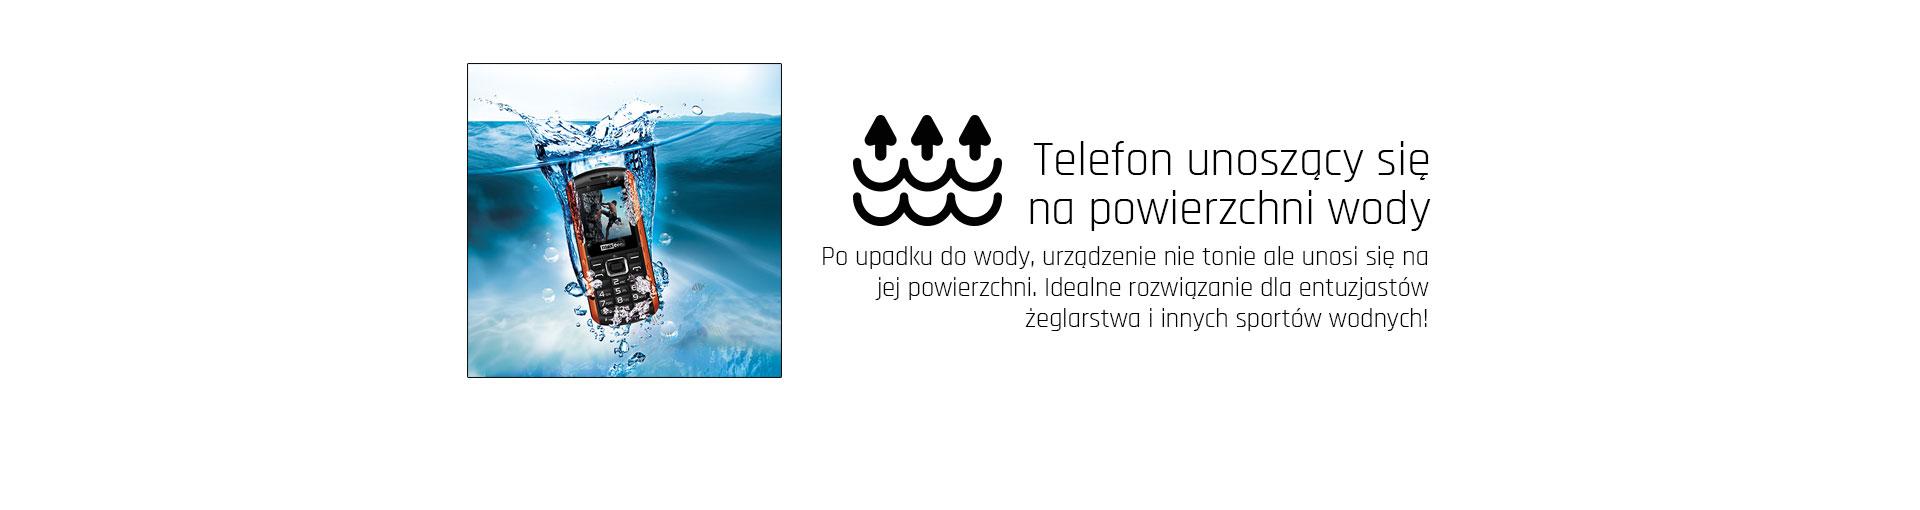 Wodoodporny telefon Maxcom MM901 Strong